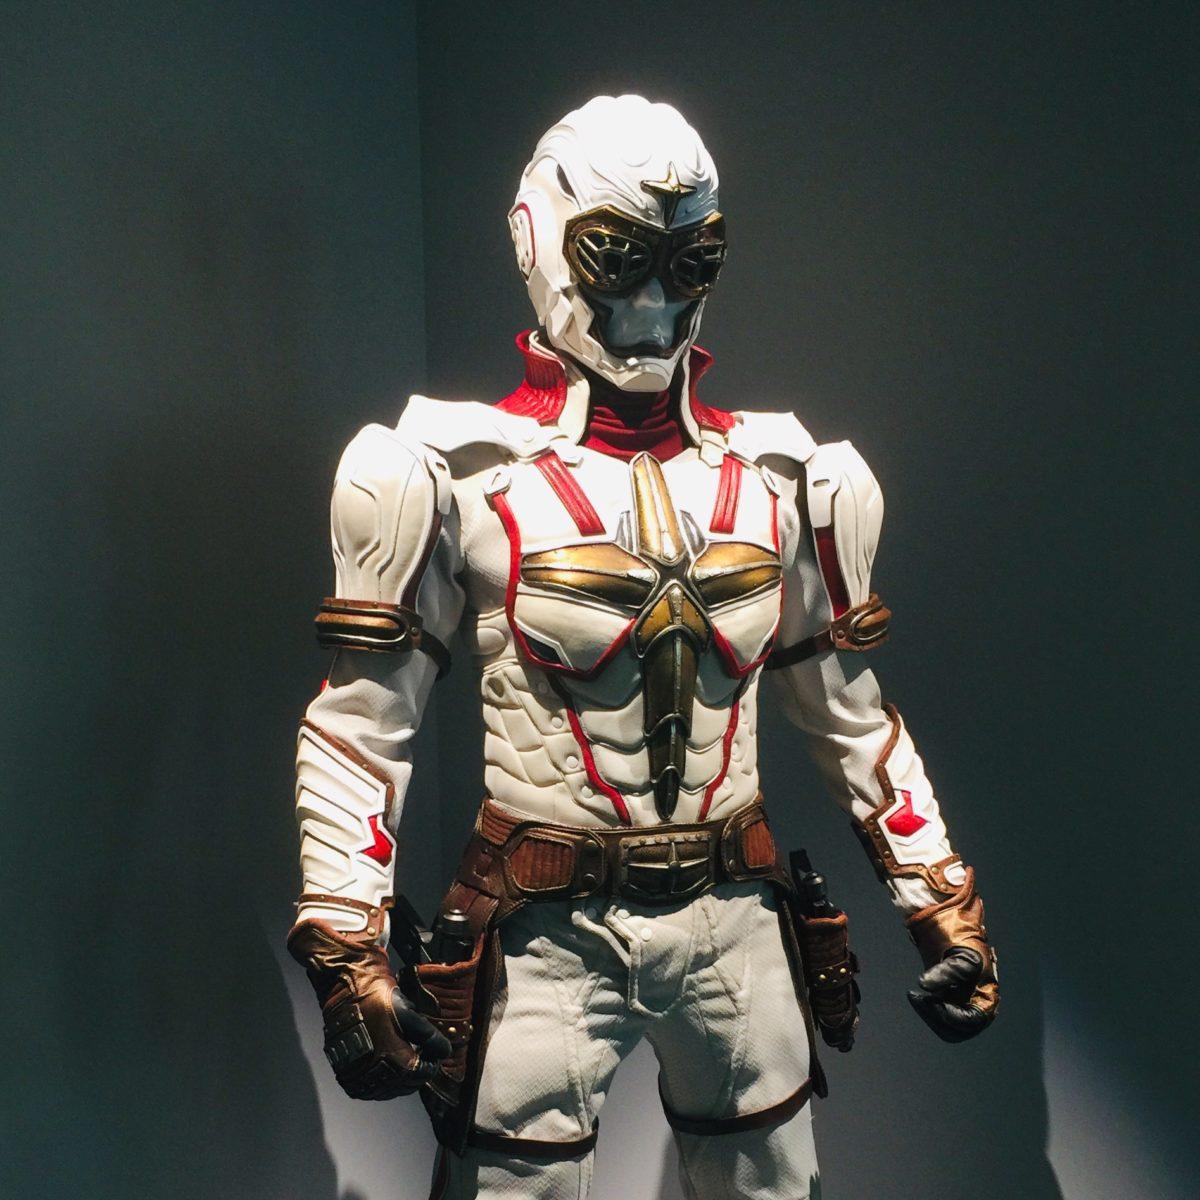 「藤子不二雄Ⓐ展」での立体化されたシルバークロス